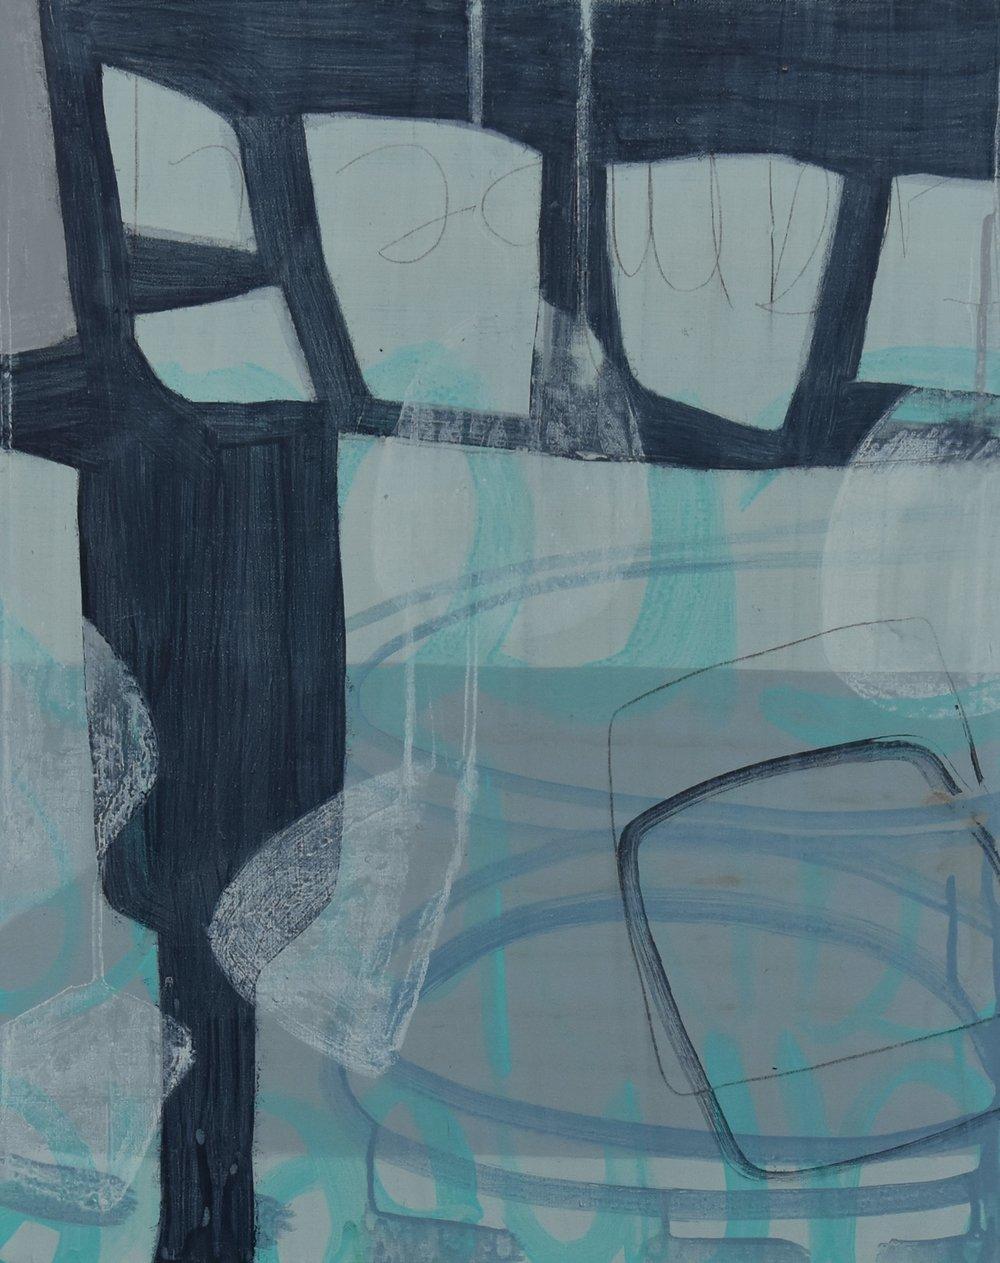 Reflections, Joan Doerr